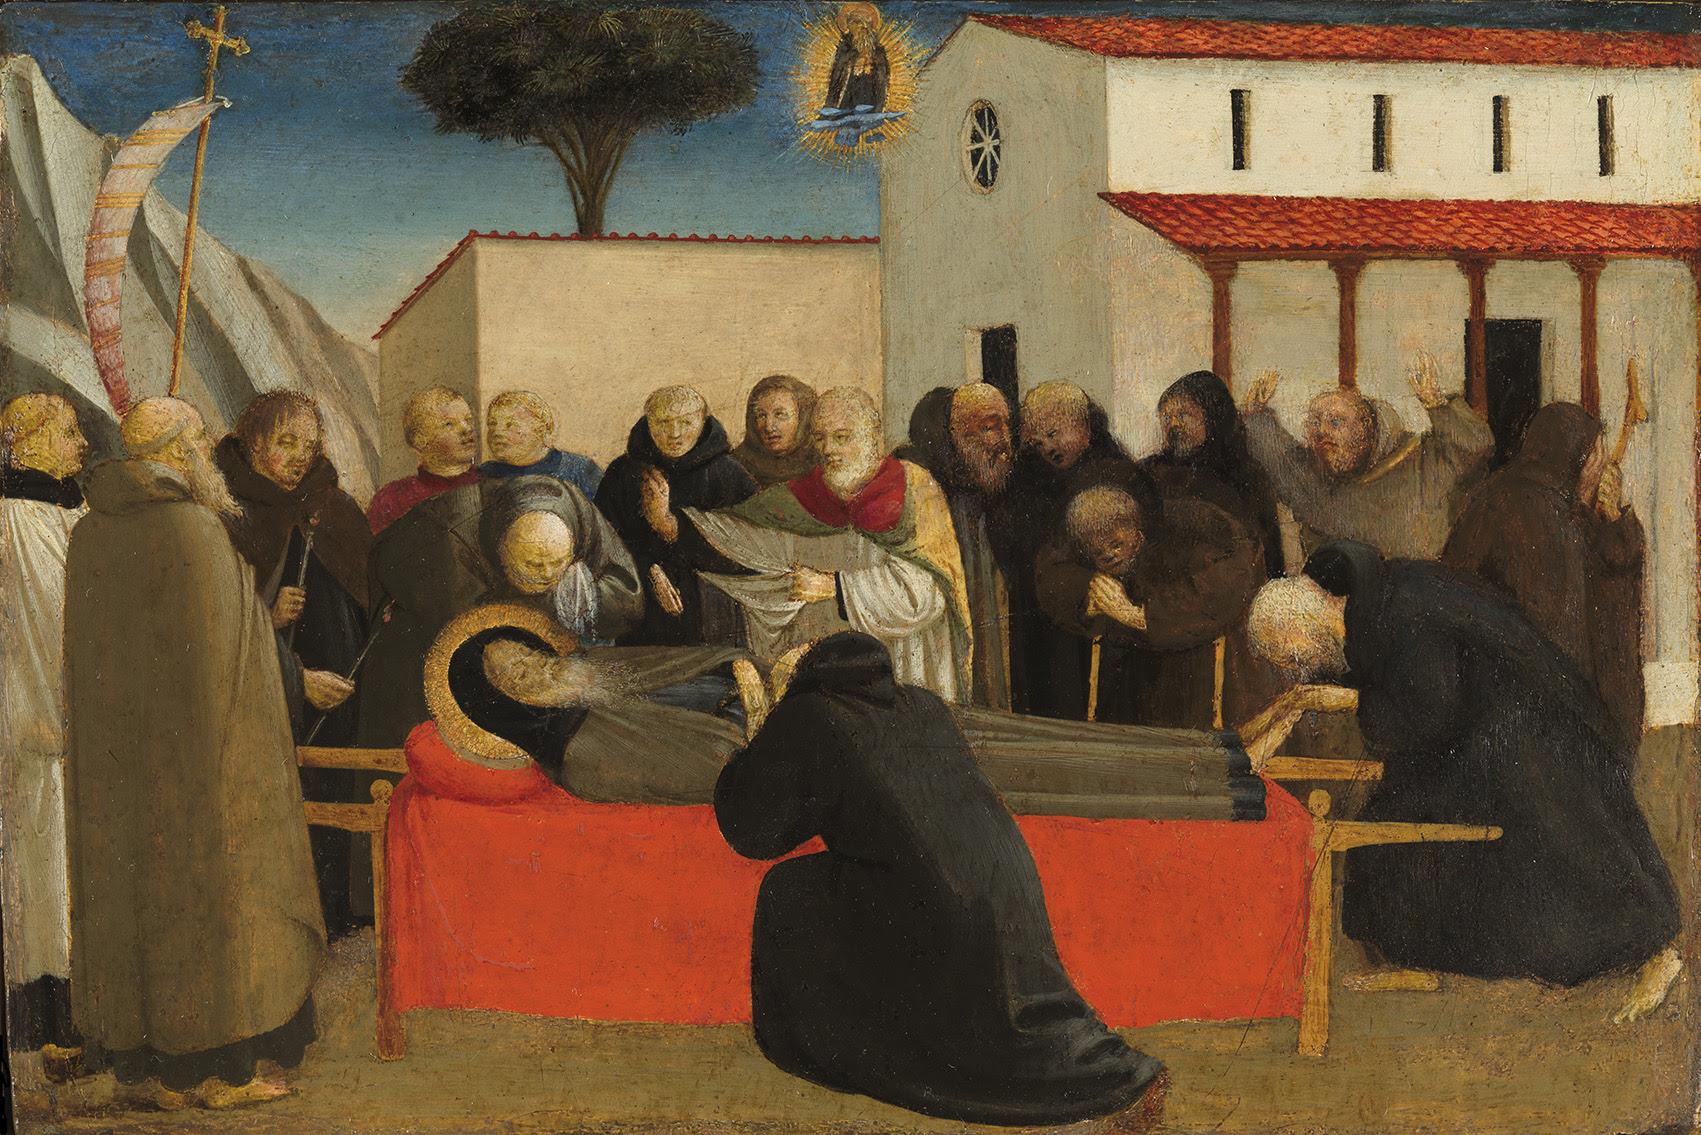 Funeral de San Antonio abad, h. 1426-30, témpera sobre madera de chopo, 29,2 x 19,5 cm. (Donación de don Carlos Fitz-Stuart y Martínez de Irujo, XIV duque de Alba de Tormes, al Museo del Prado).